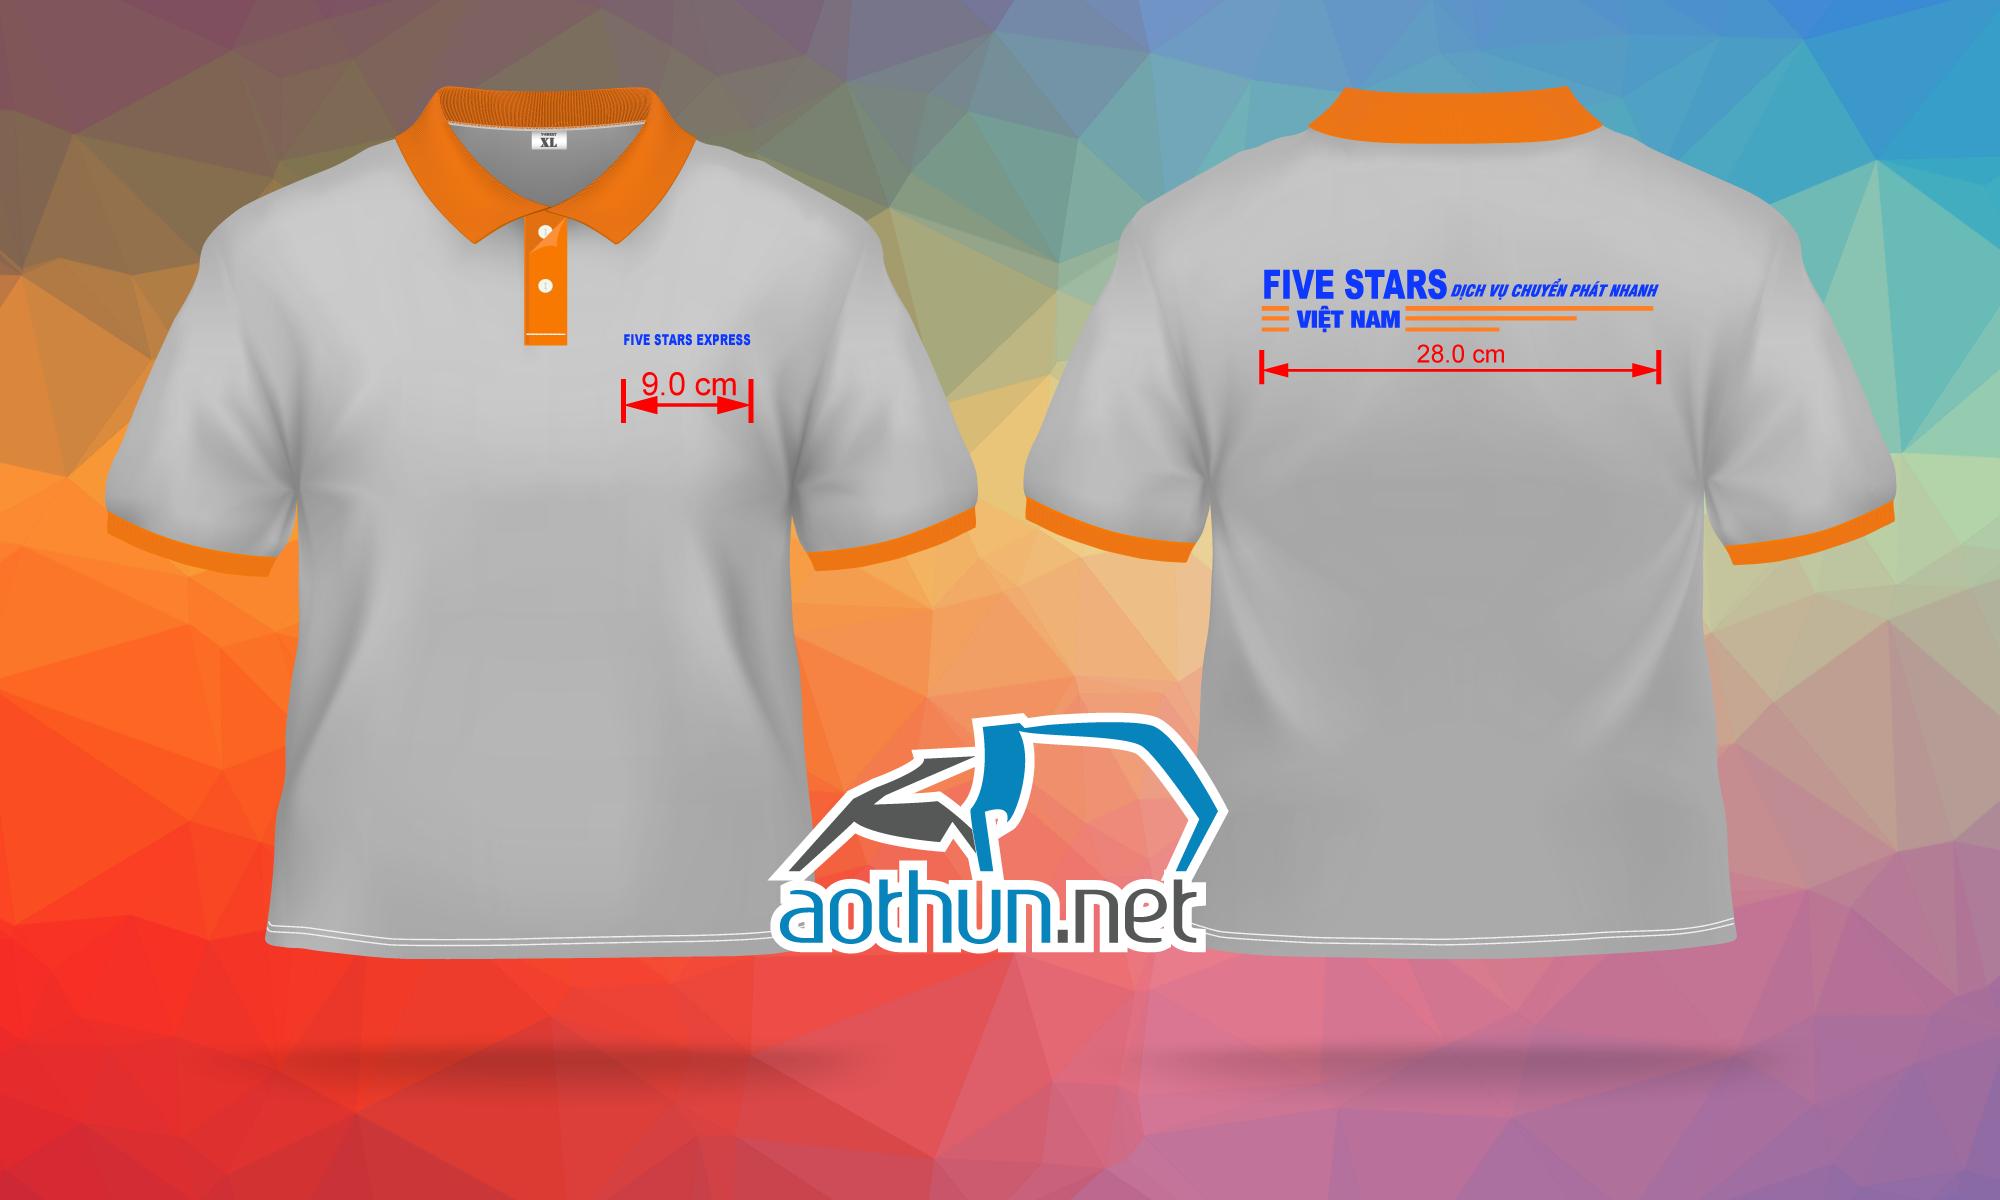 May áo thun đồng phục nhân viên nhanh và đẹp cho Công ty chuyển phát nhanh Five Stars